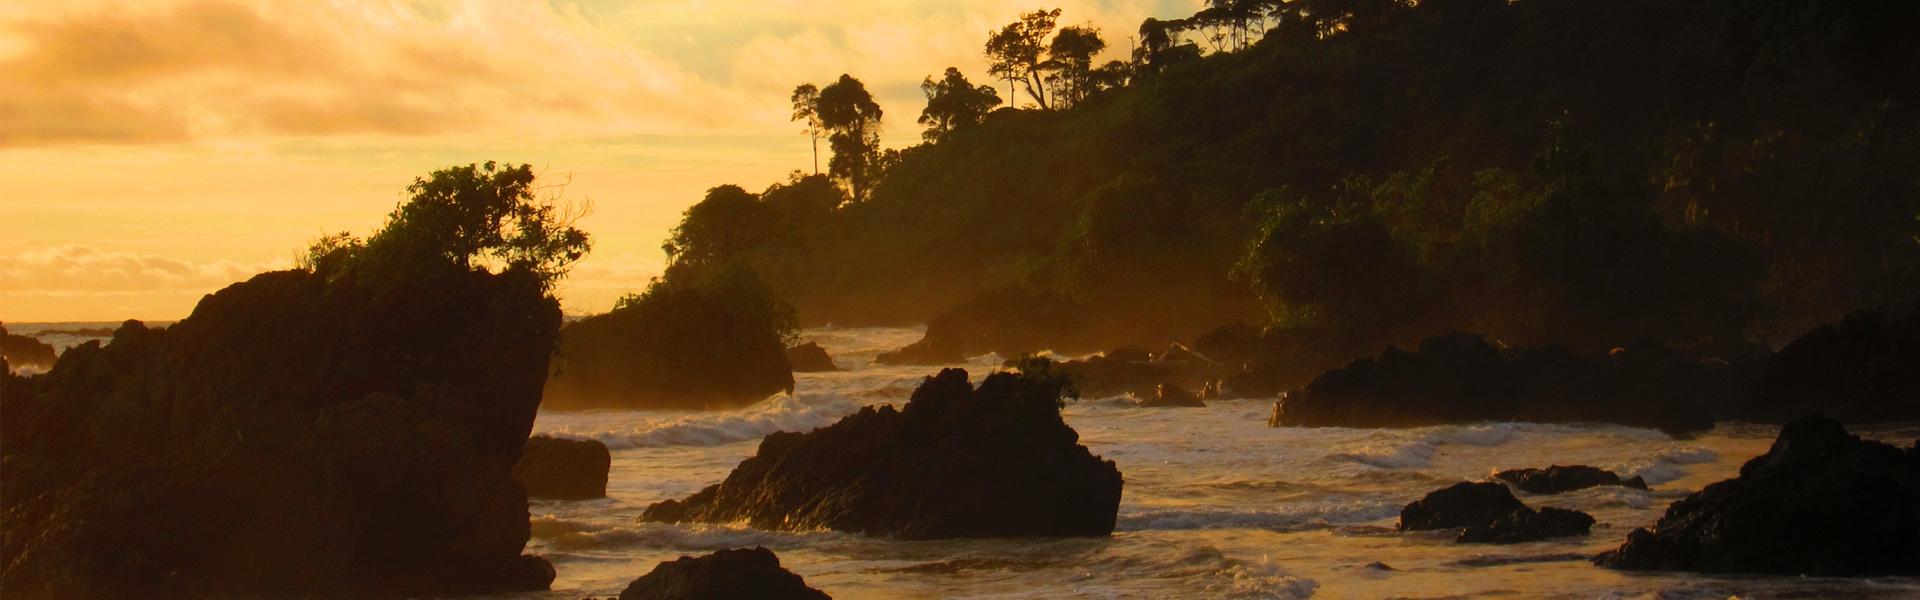 Atardecer Pacífico Colombiano - El Almejal